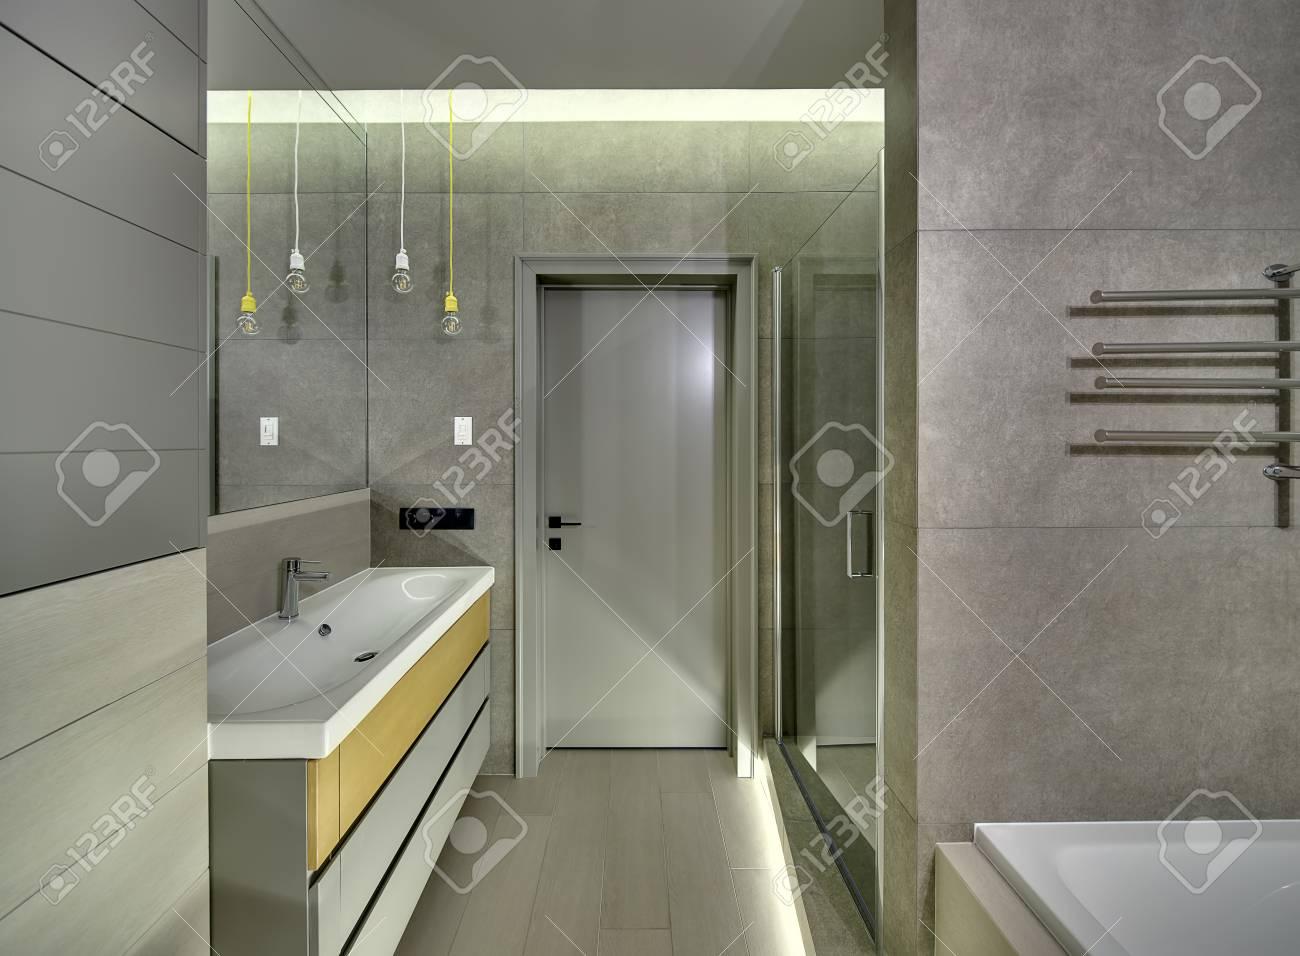 Bagno elegante in stile moderno con piastrelle sulle pareti e sul